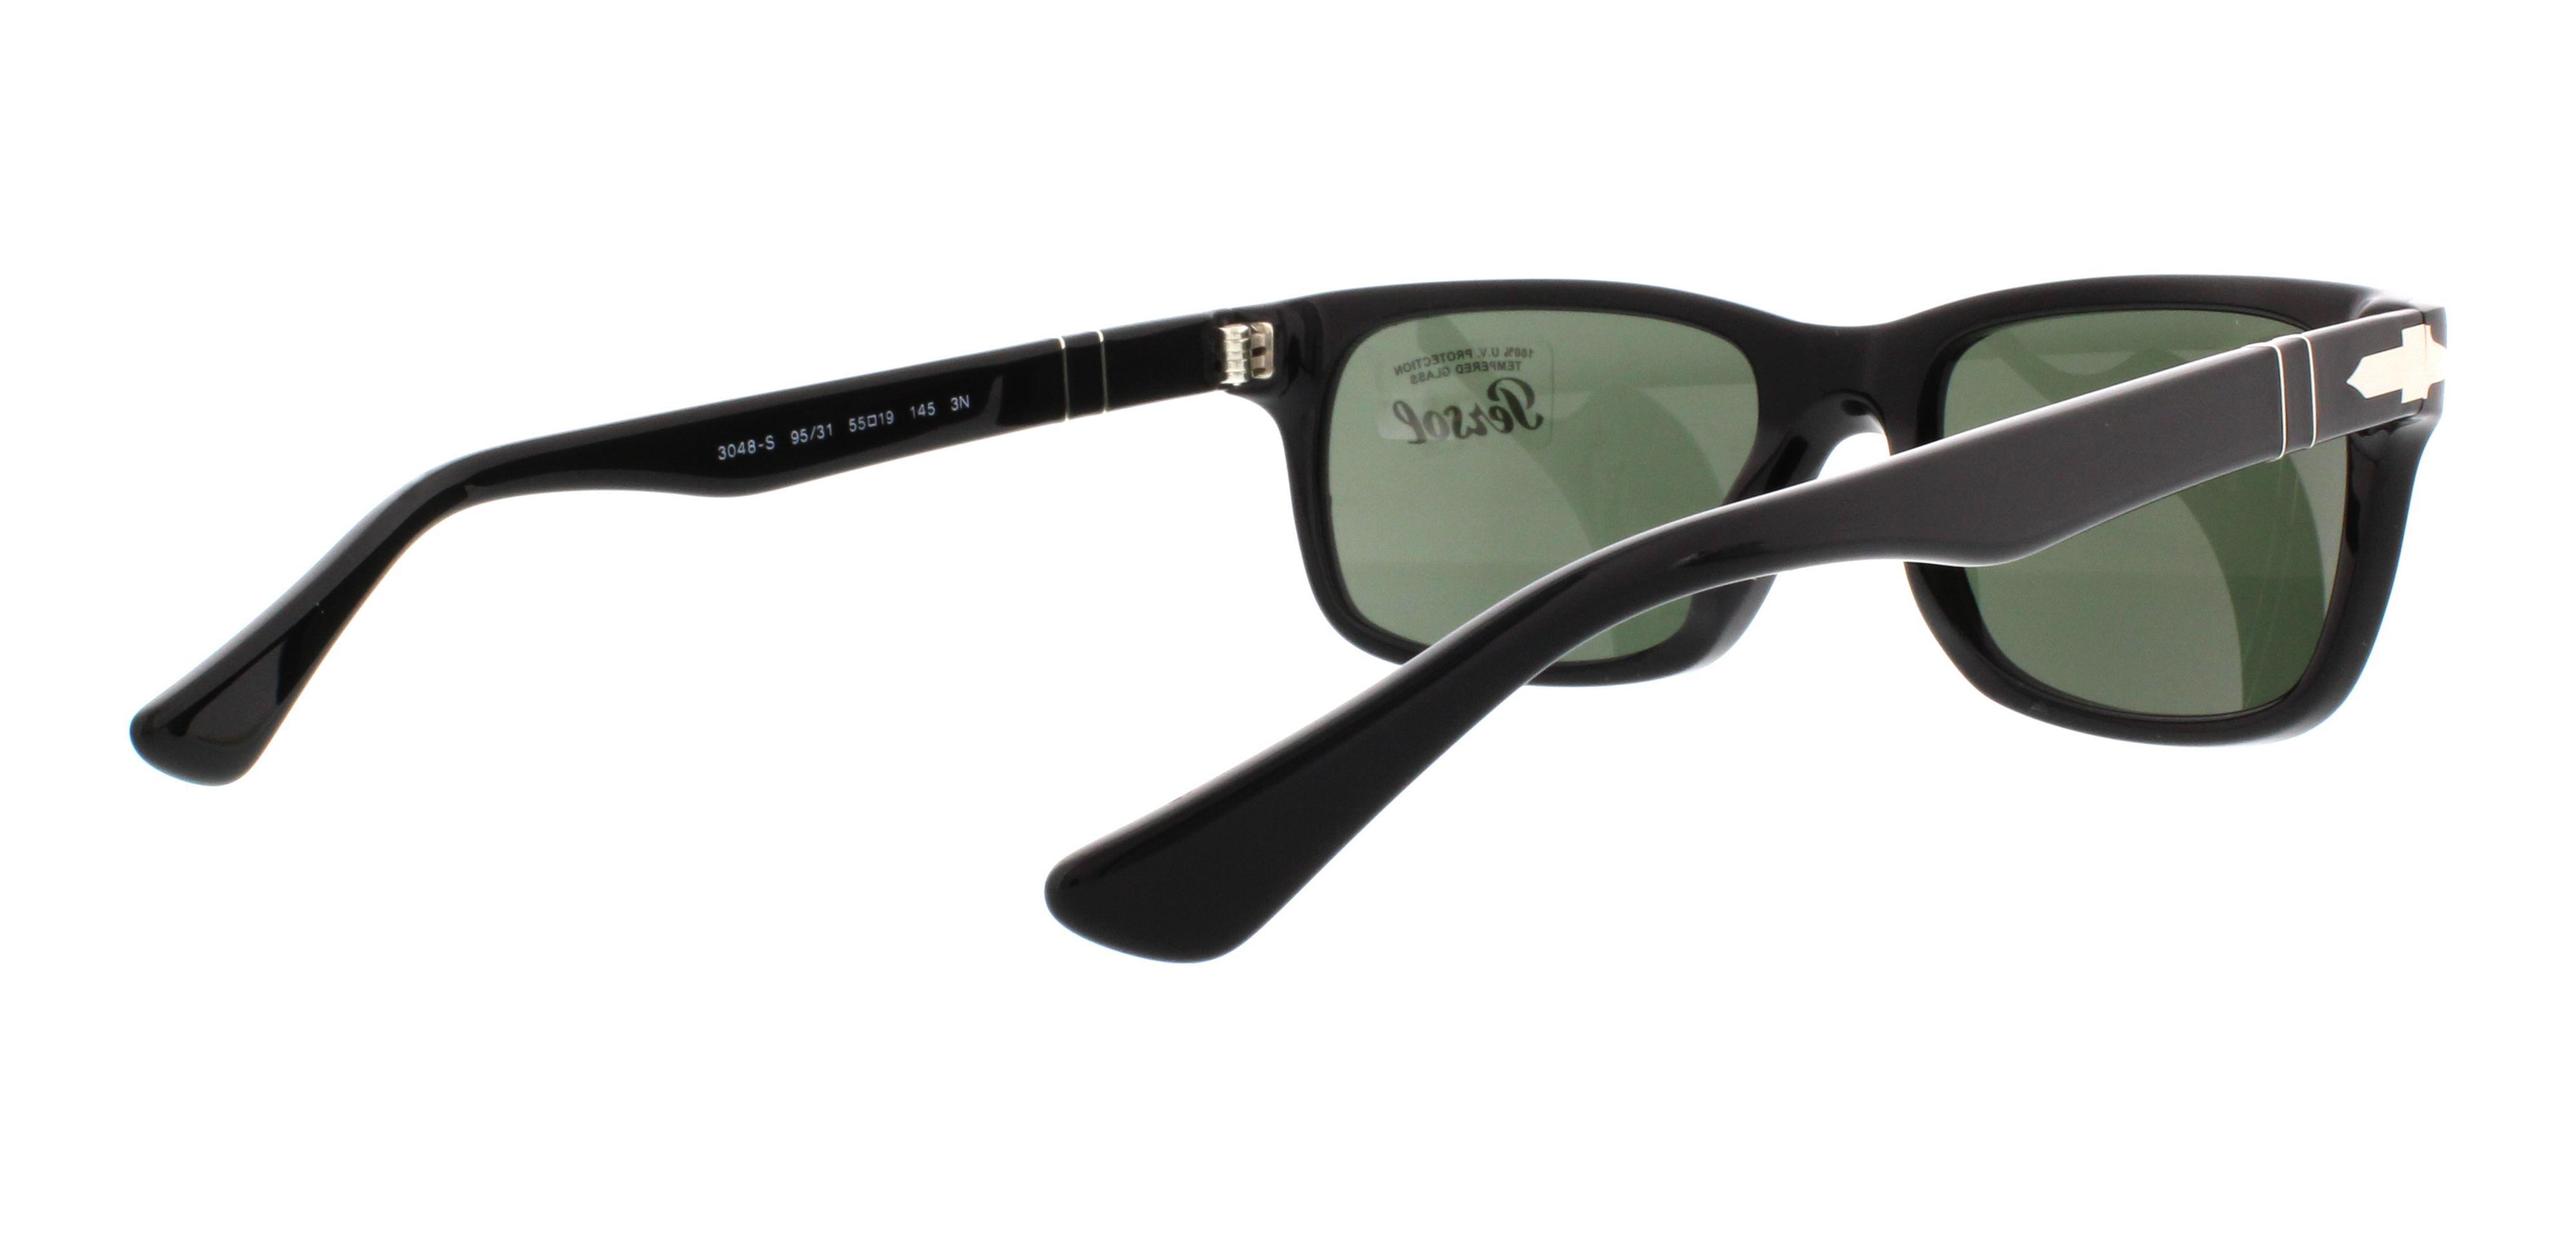 PERSOL Sunglasses PO3048S 95/31 Black 55MM